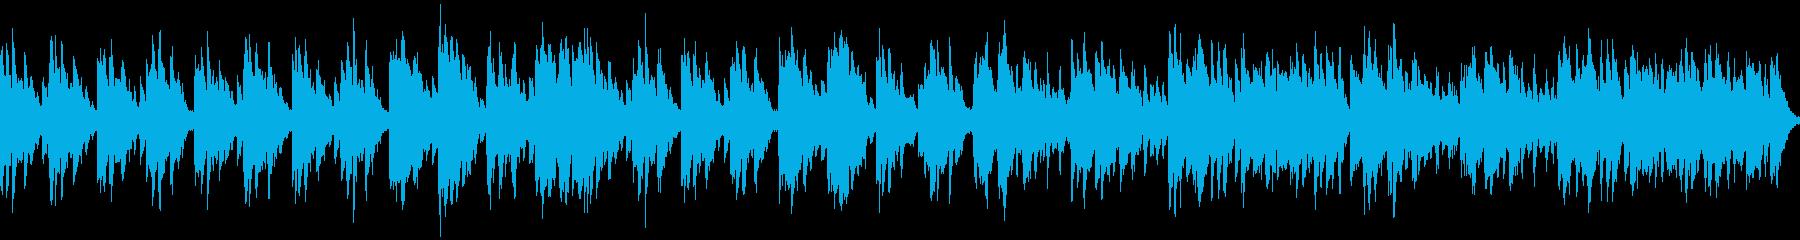 メロディ抜き ループ処理版の再生済みの波形